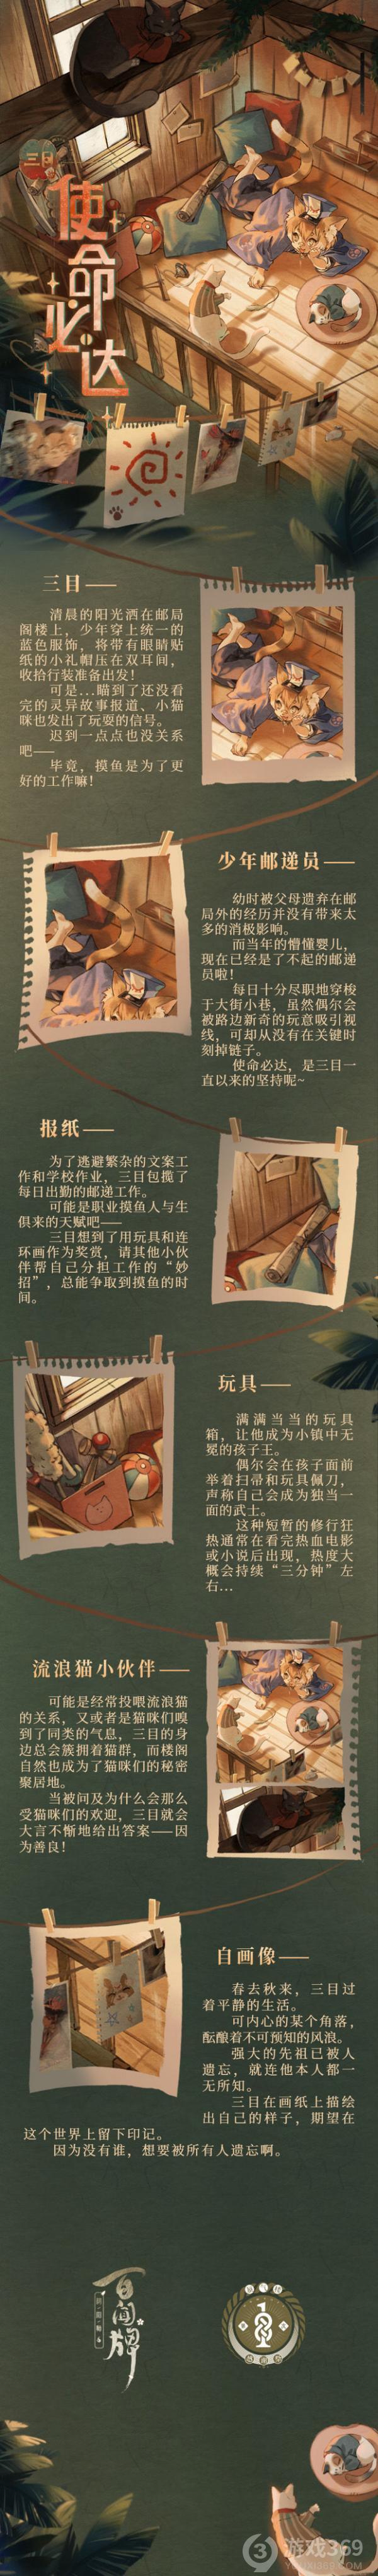 阴阳师百闻牌三目式神卡异画使命必达介绍